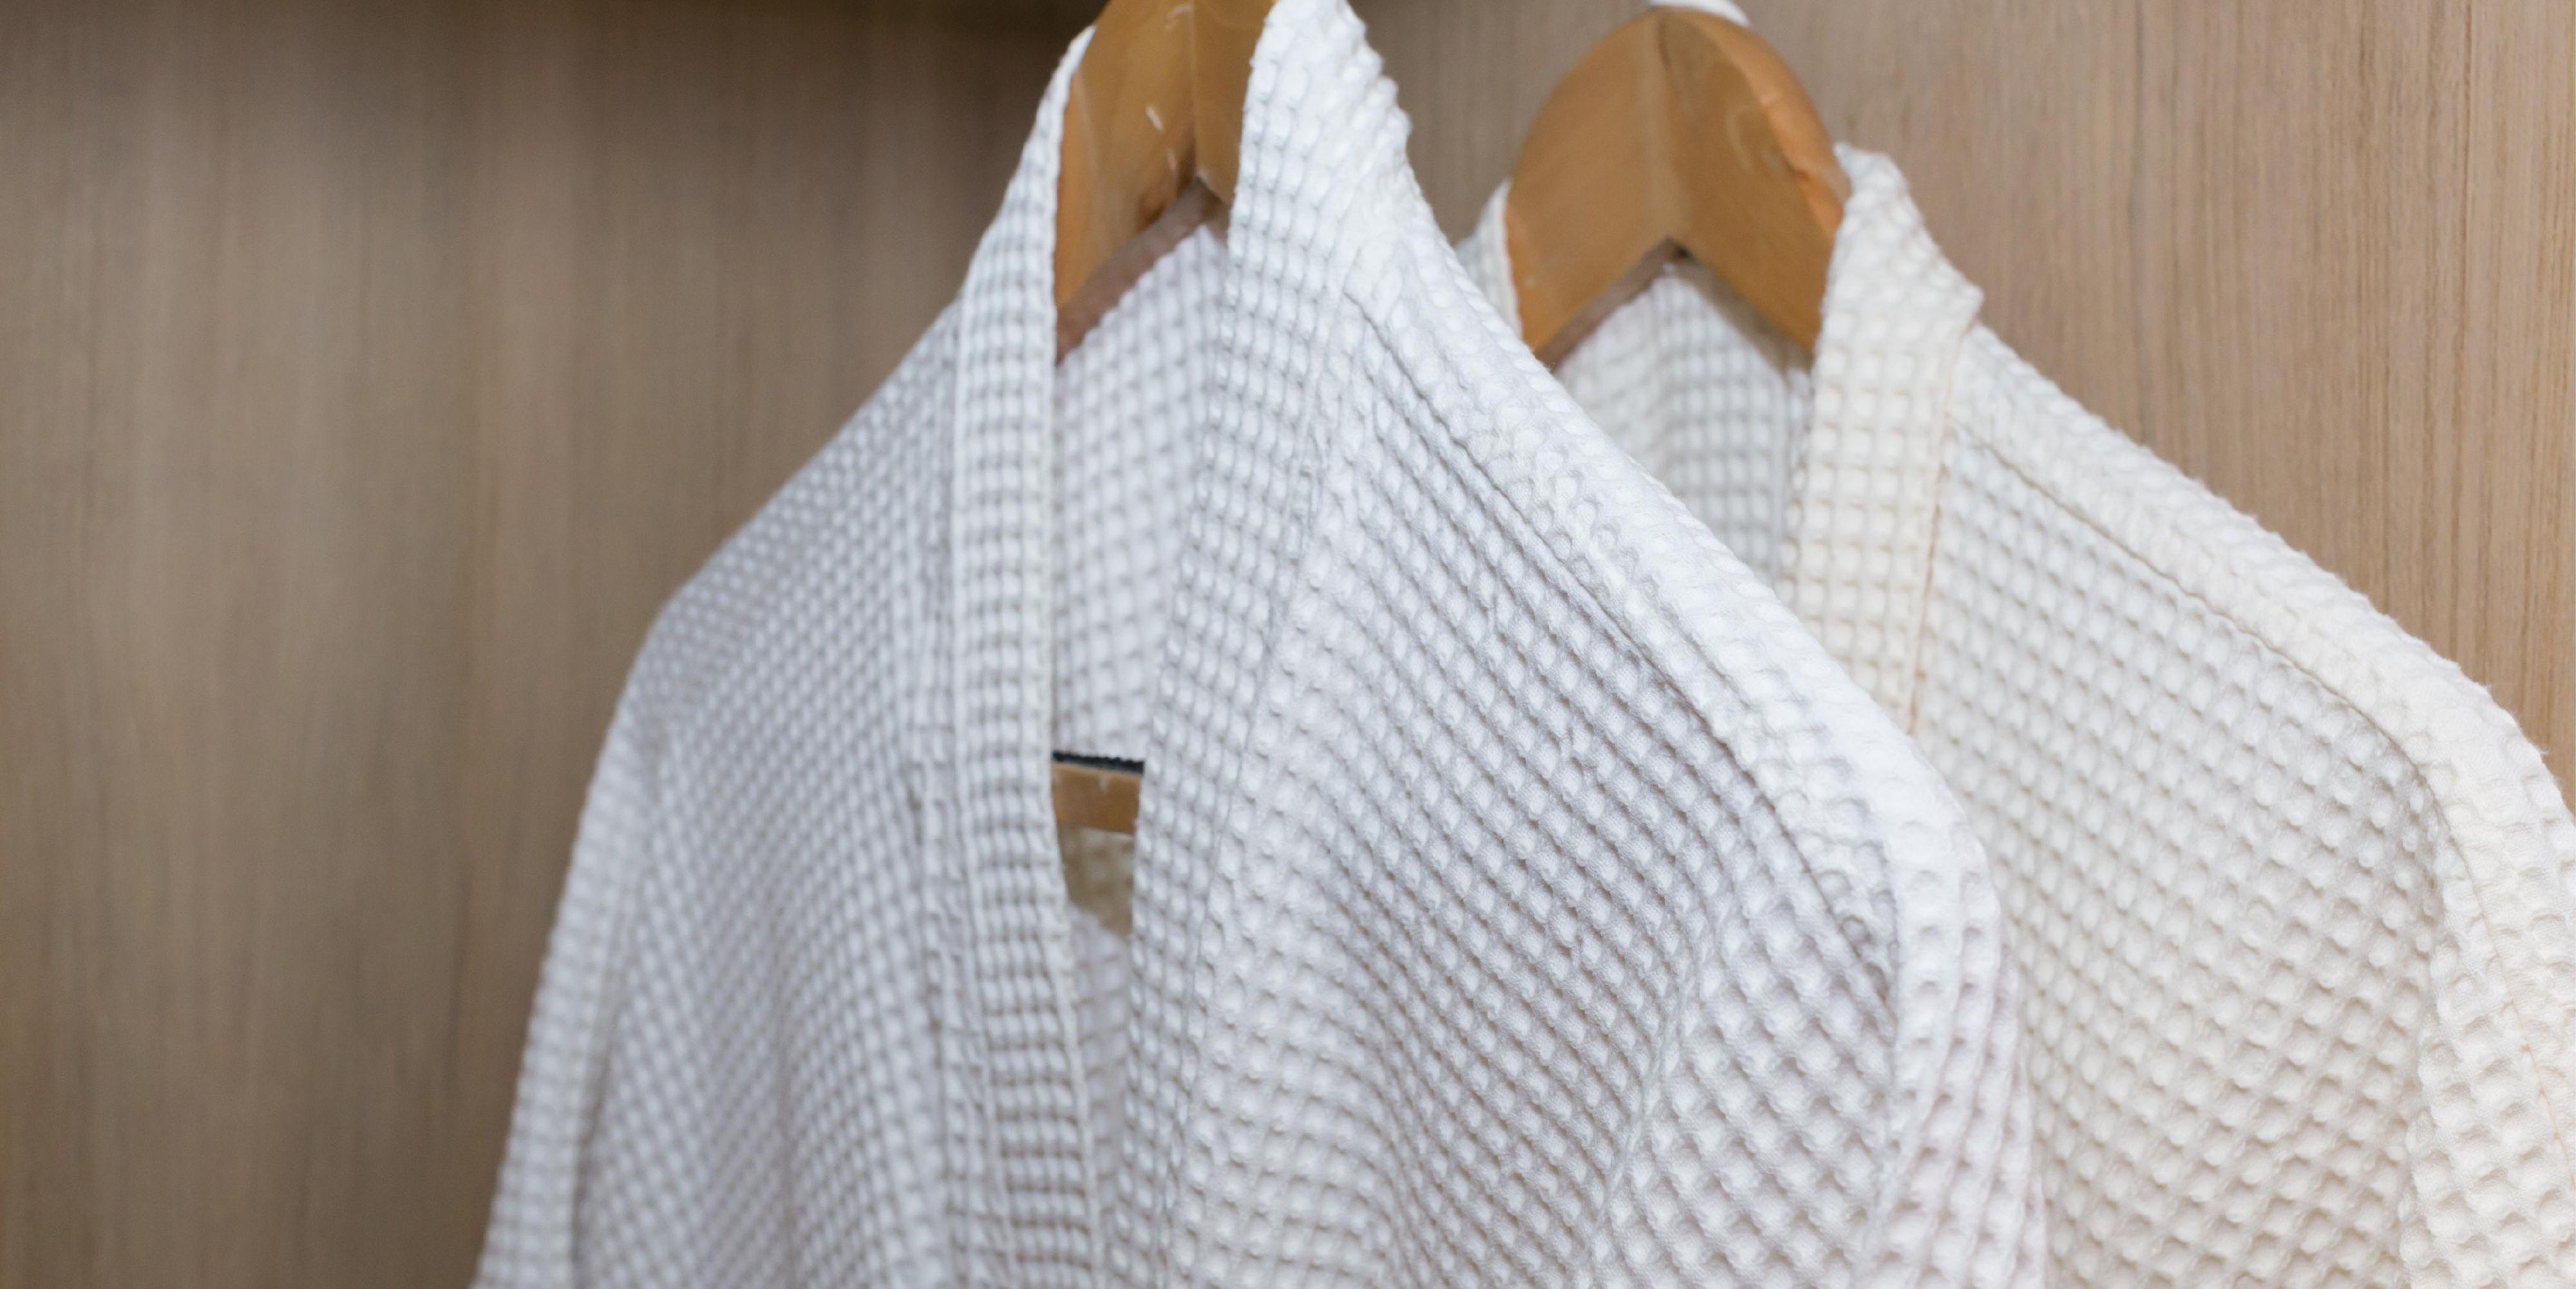 Crisp white bathrobes in all rooms